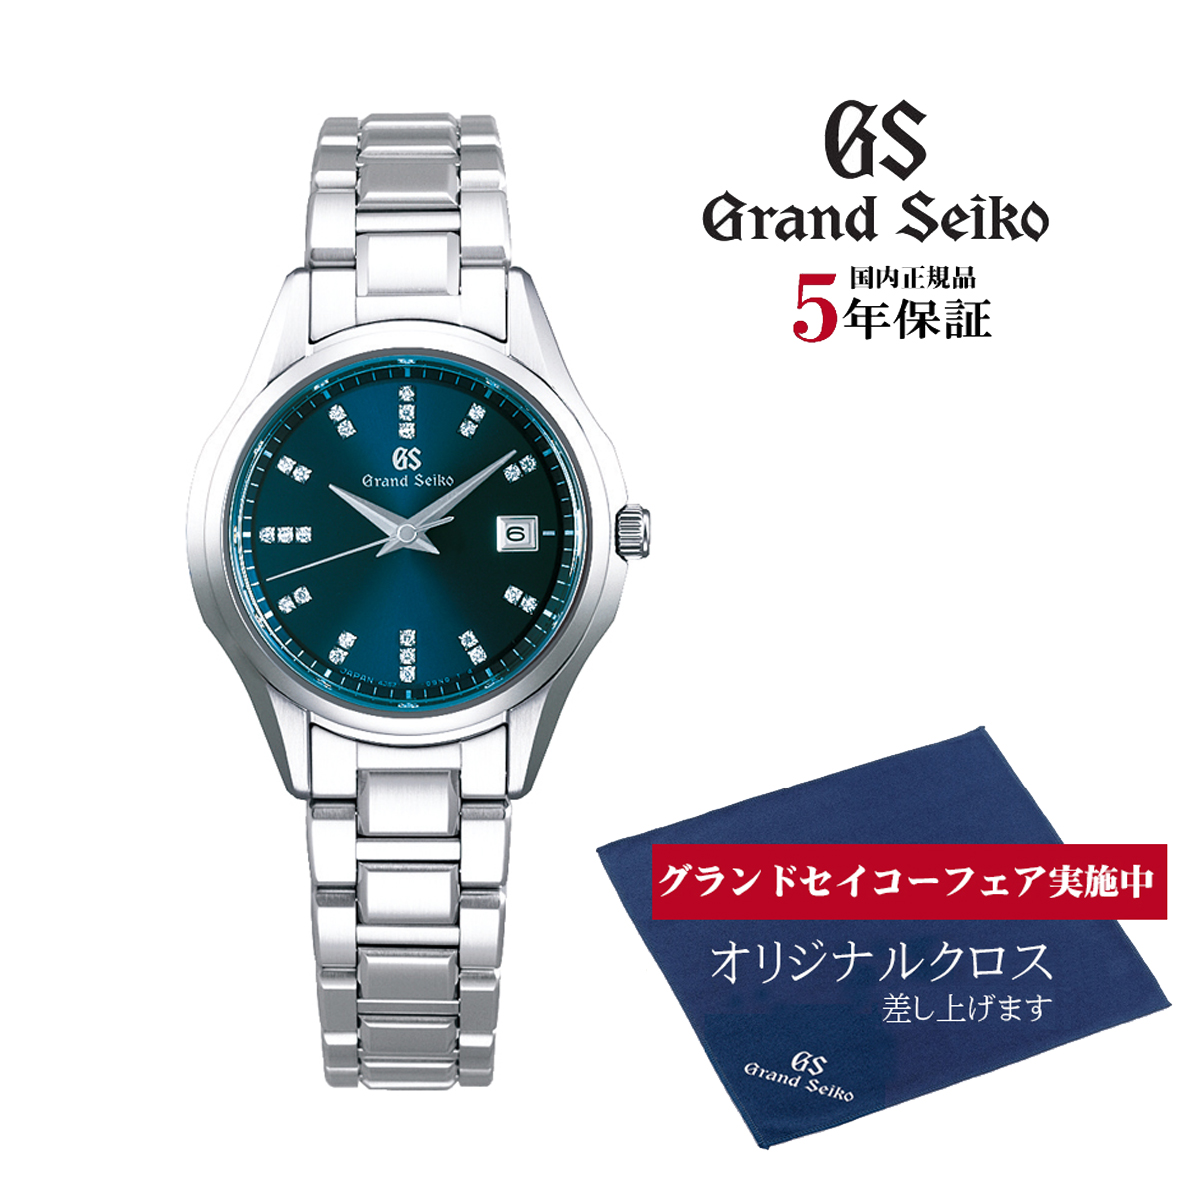 グランドセイコー Grand Seiko 正規メーカー保証3年 STGF325 クォーツモデル 正規品 腕時計